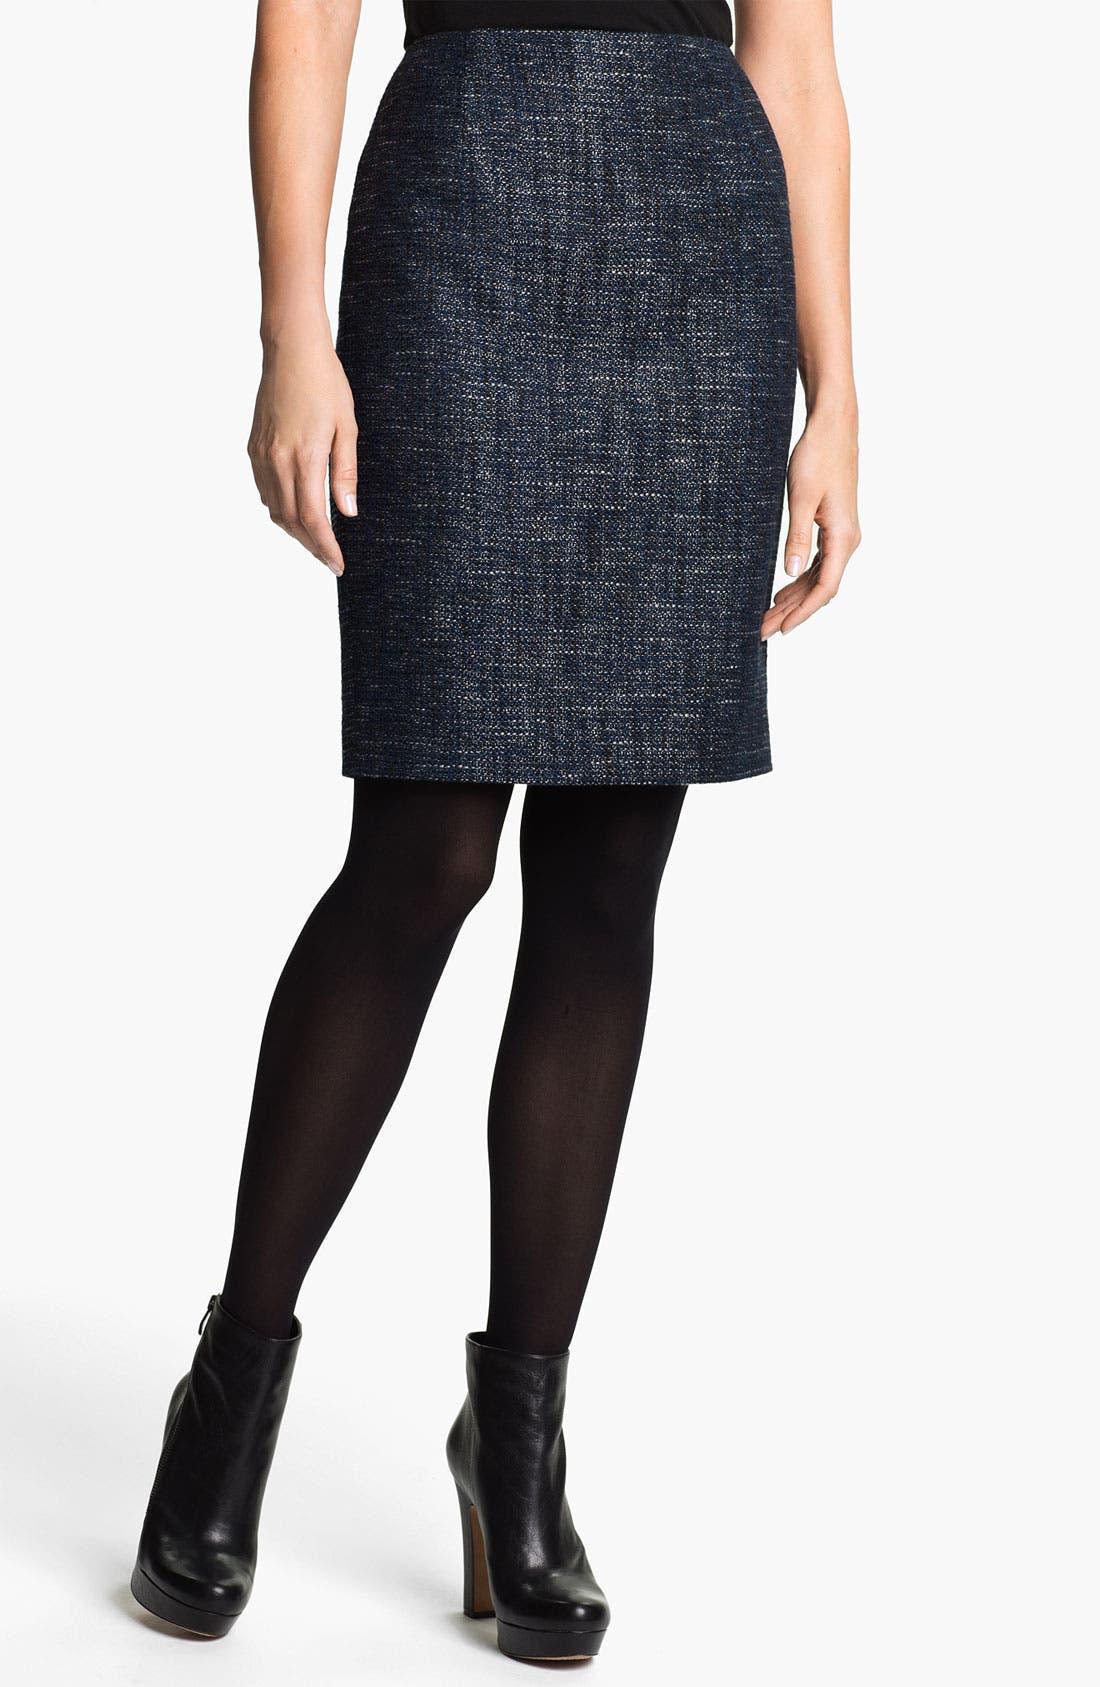 Alternate Image 1 Selected - T Tahari 'Melvina' Tweed Skirt